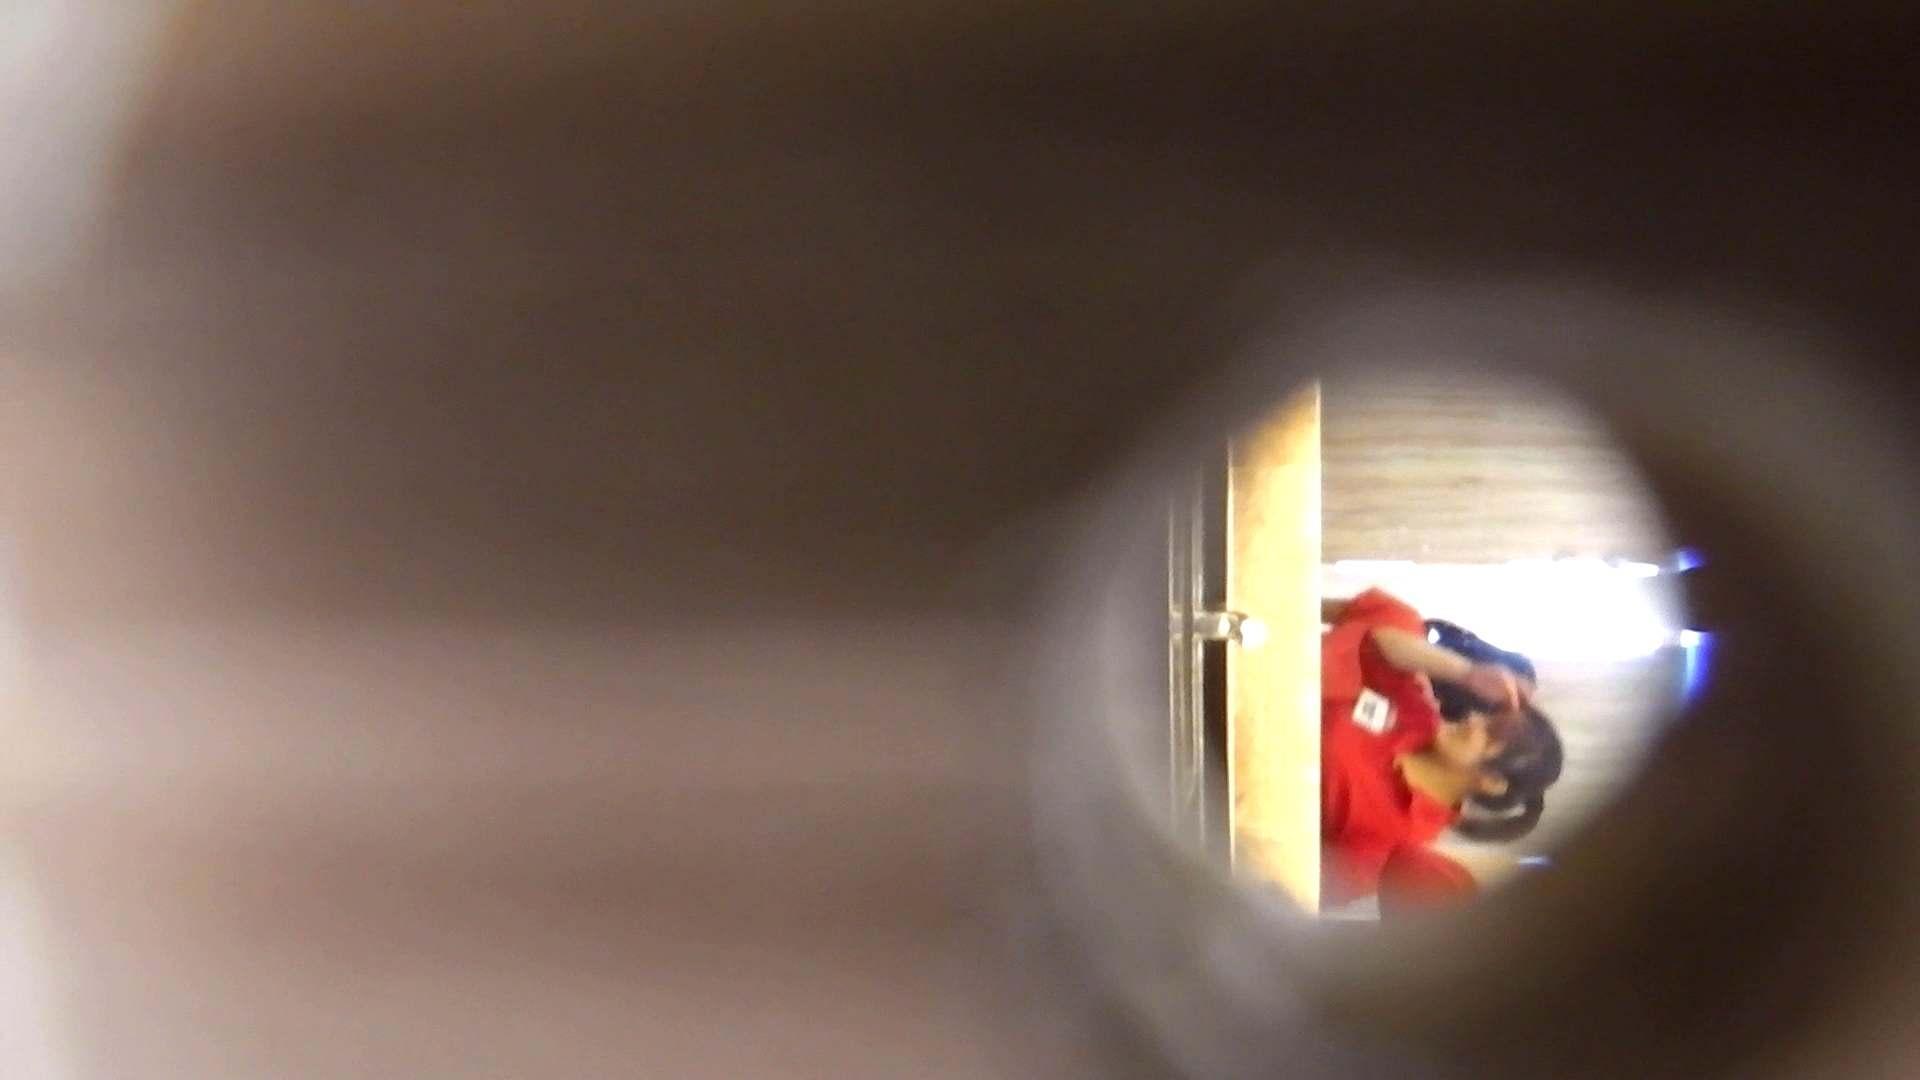 ハメ撮り|阿国ちゃんの「和式洋式七変化」No.1|怪盗ジョーカー